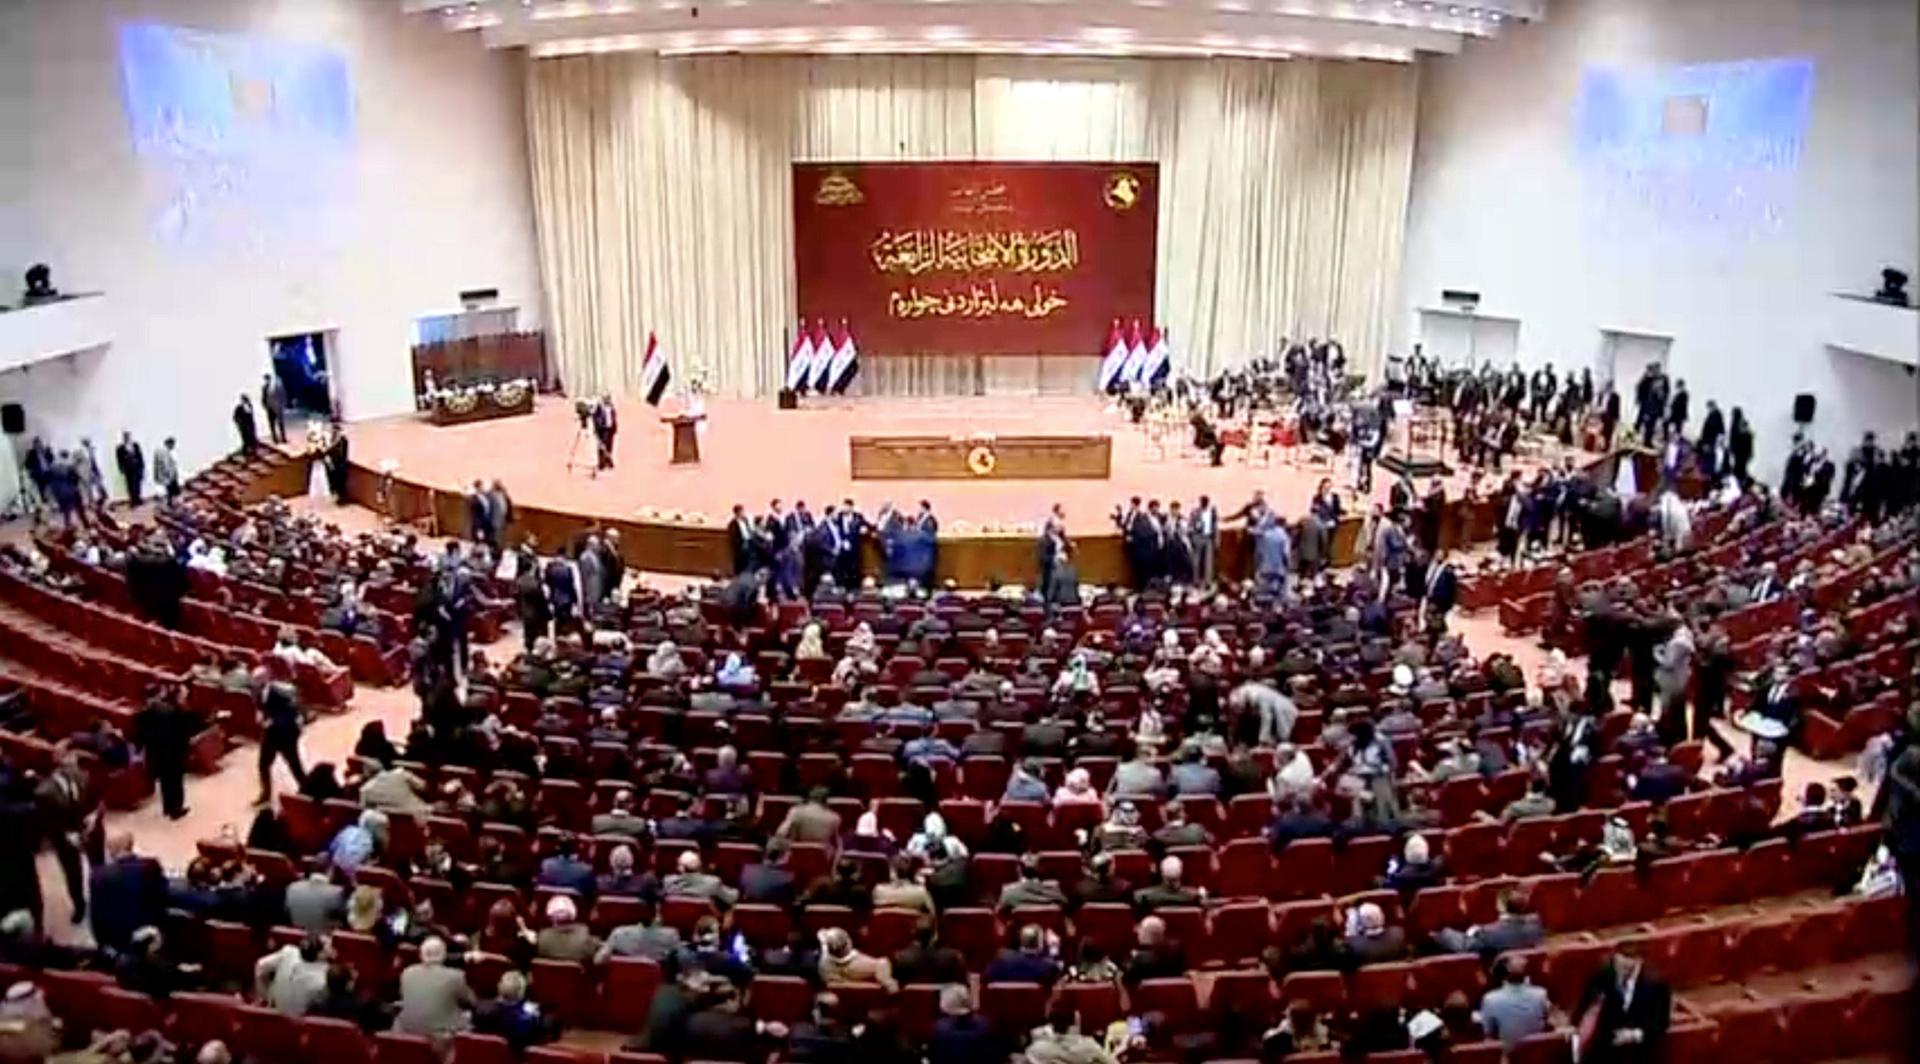 مصدرلـRT: ثلاث كتل شيعية كبيرة تمنح الزرفي الضوء الأخضر لتشكيل الحكومة العراقية